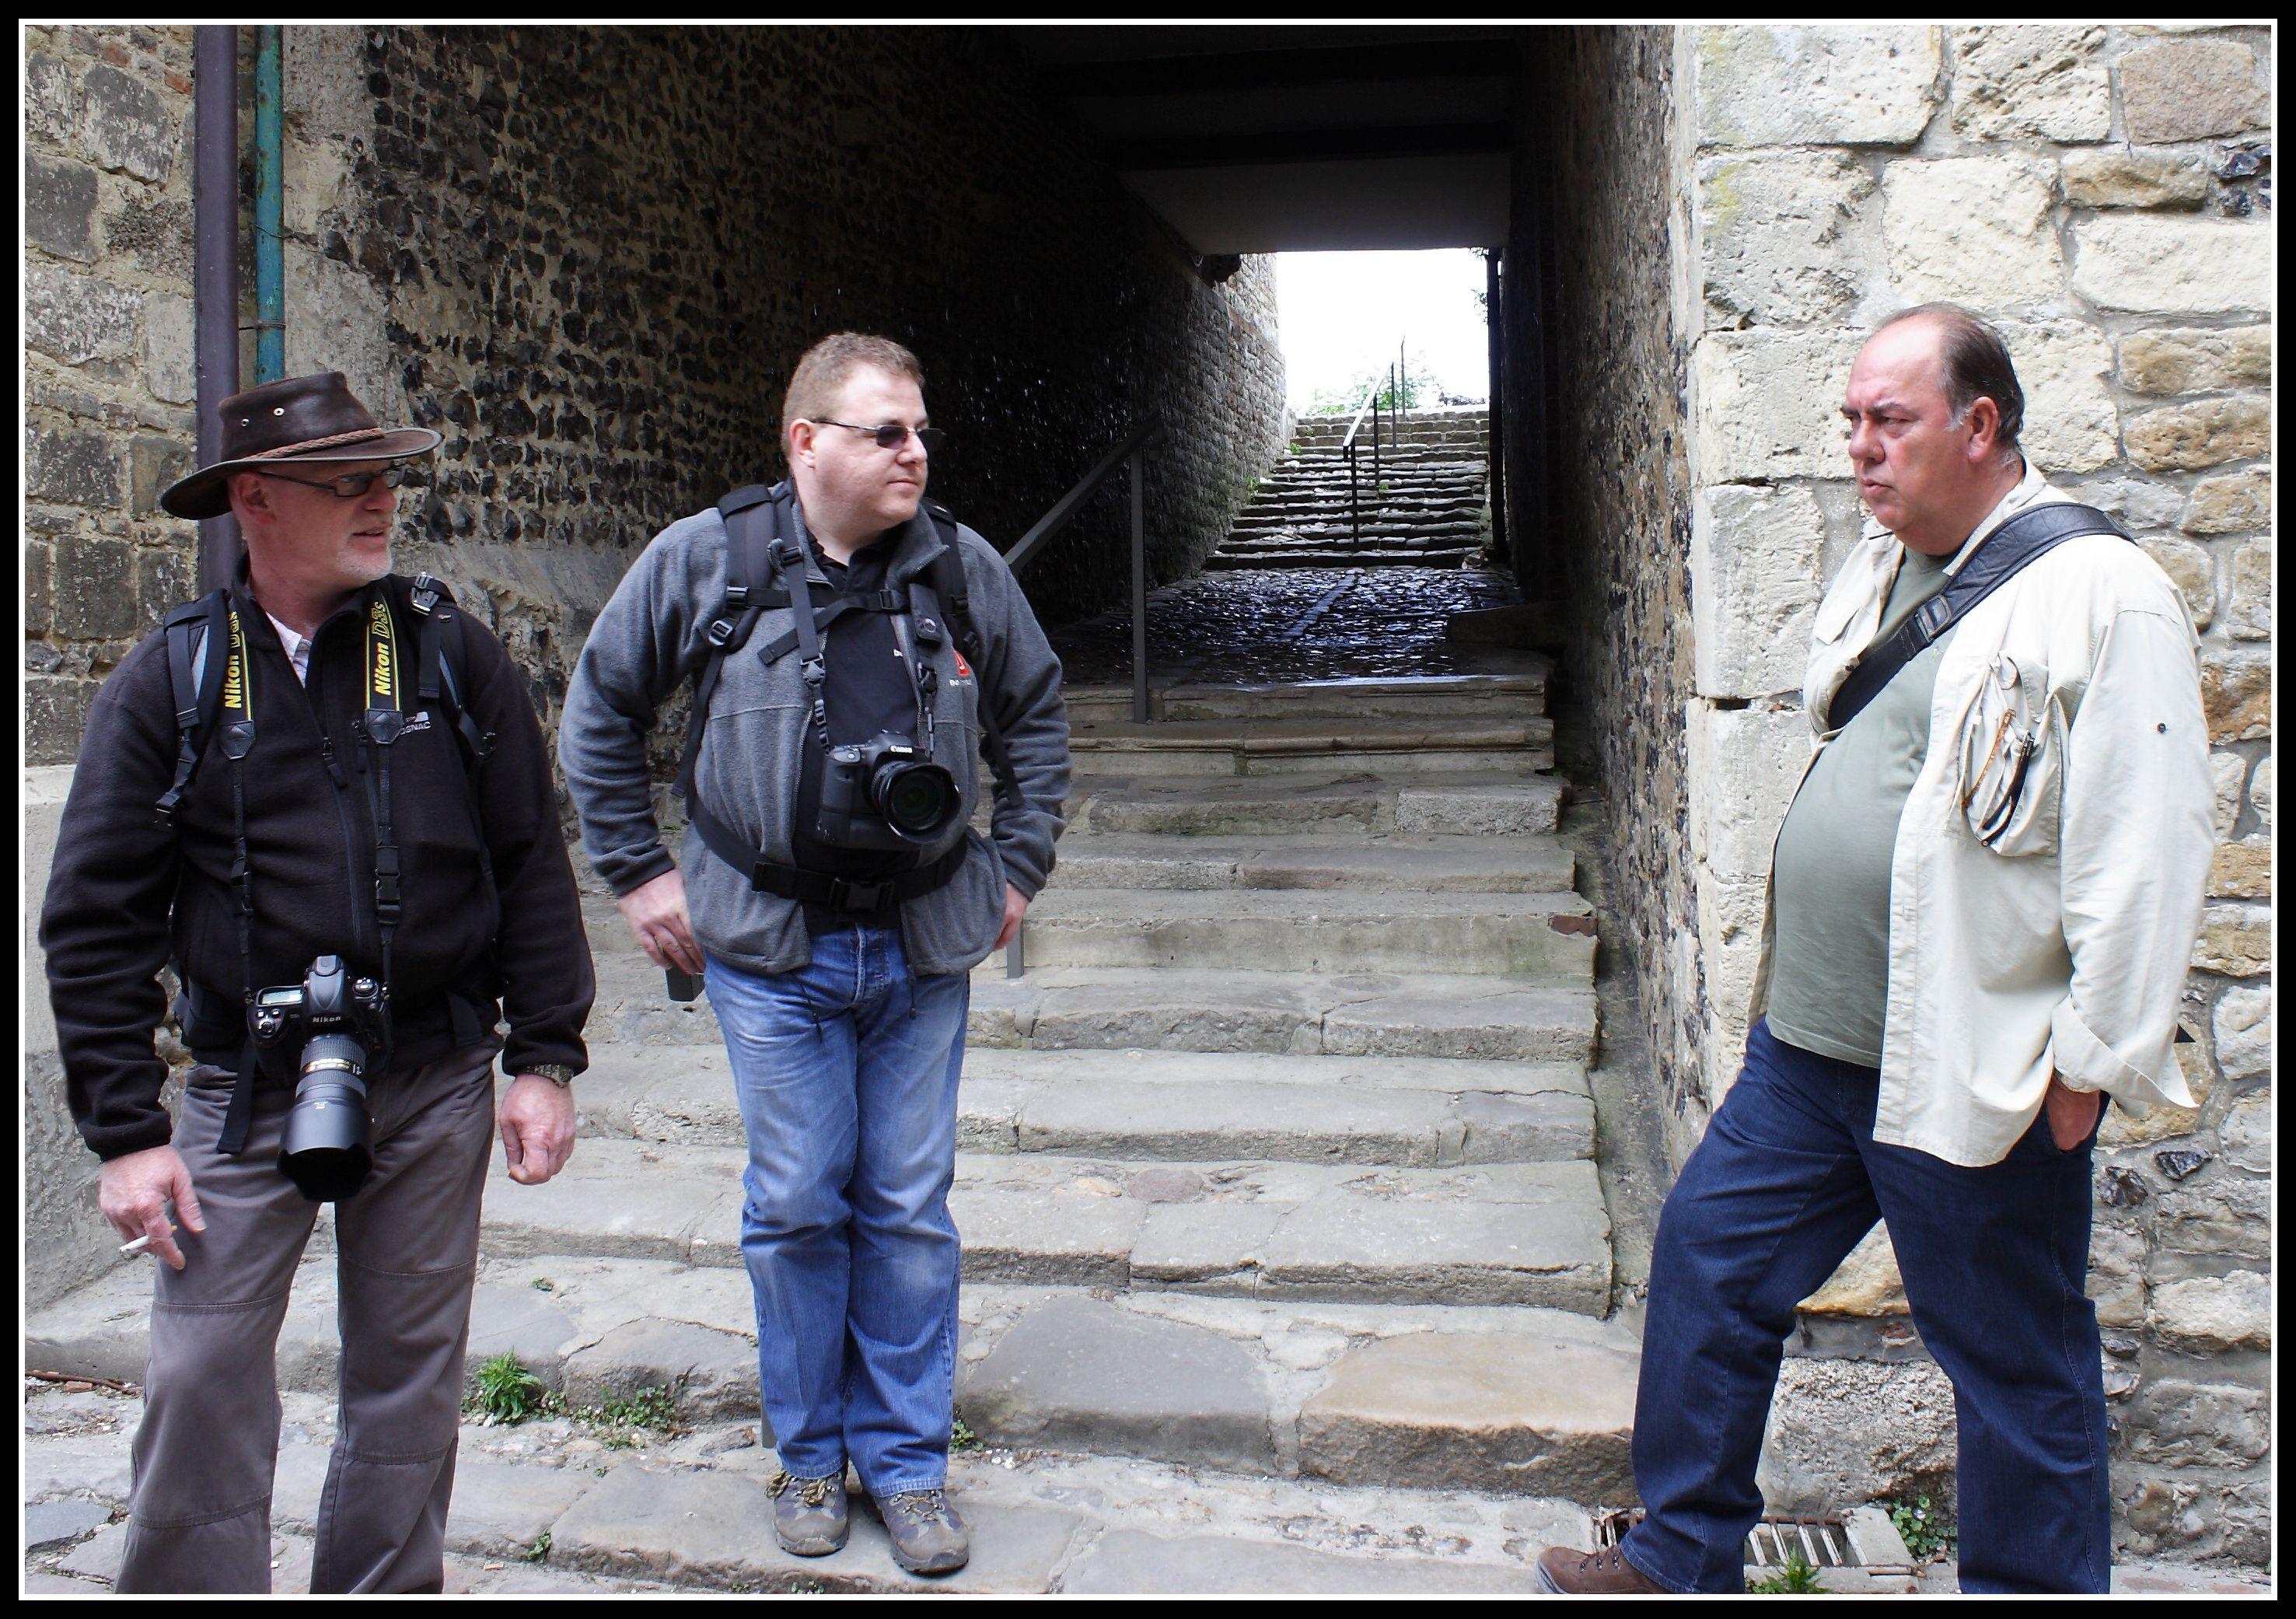 WK en Baie de Somme le 20, 21 et 22 Mai 2011 : Les photos d'ambiances - Page 2 0921v